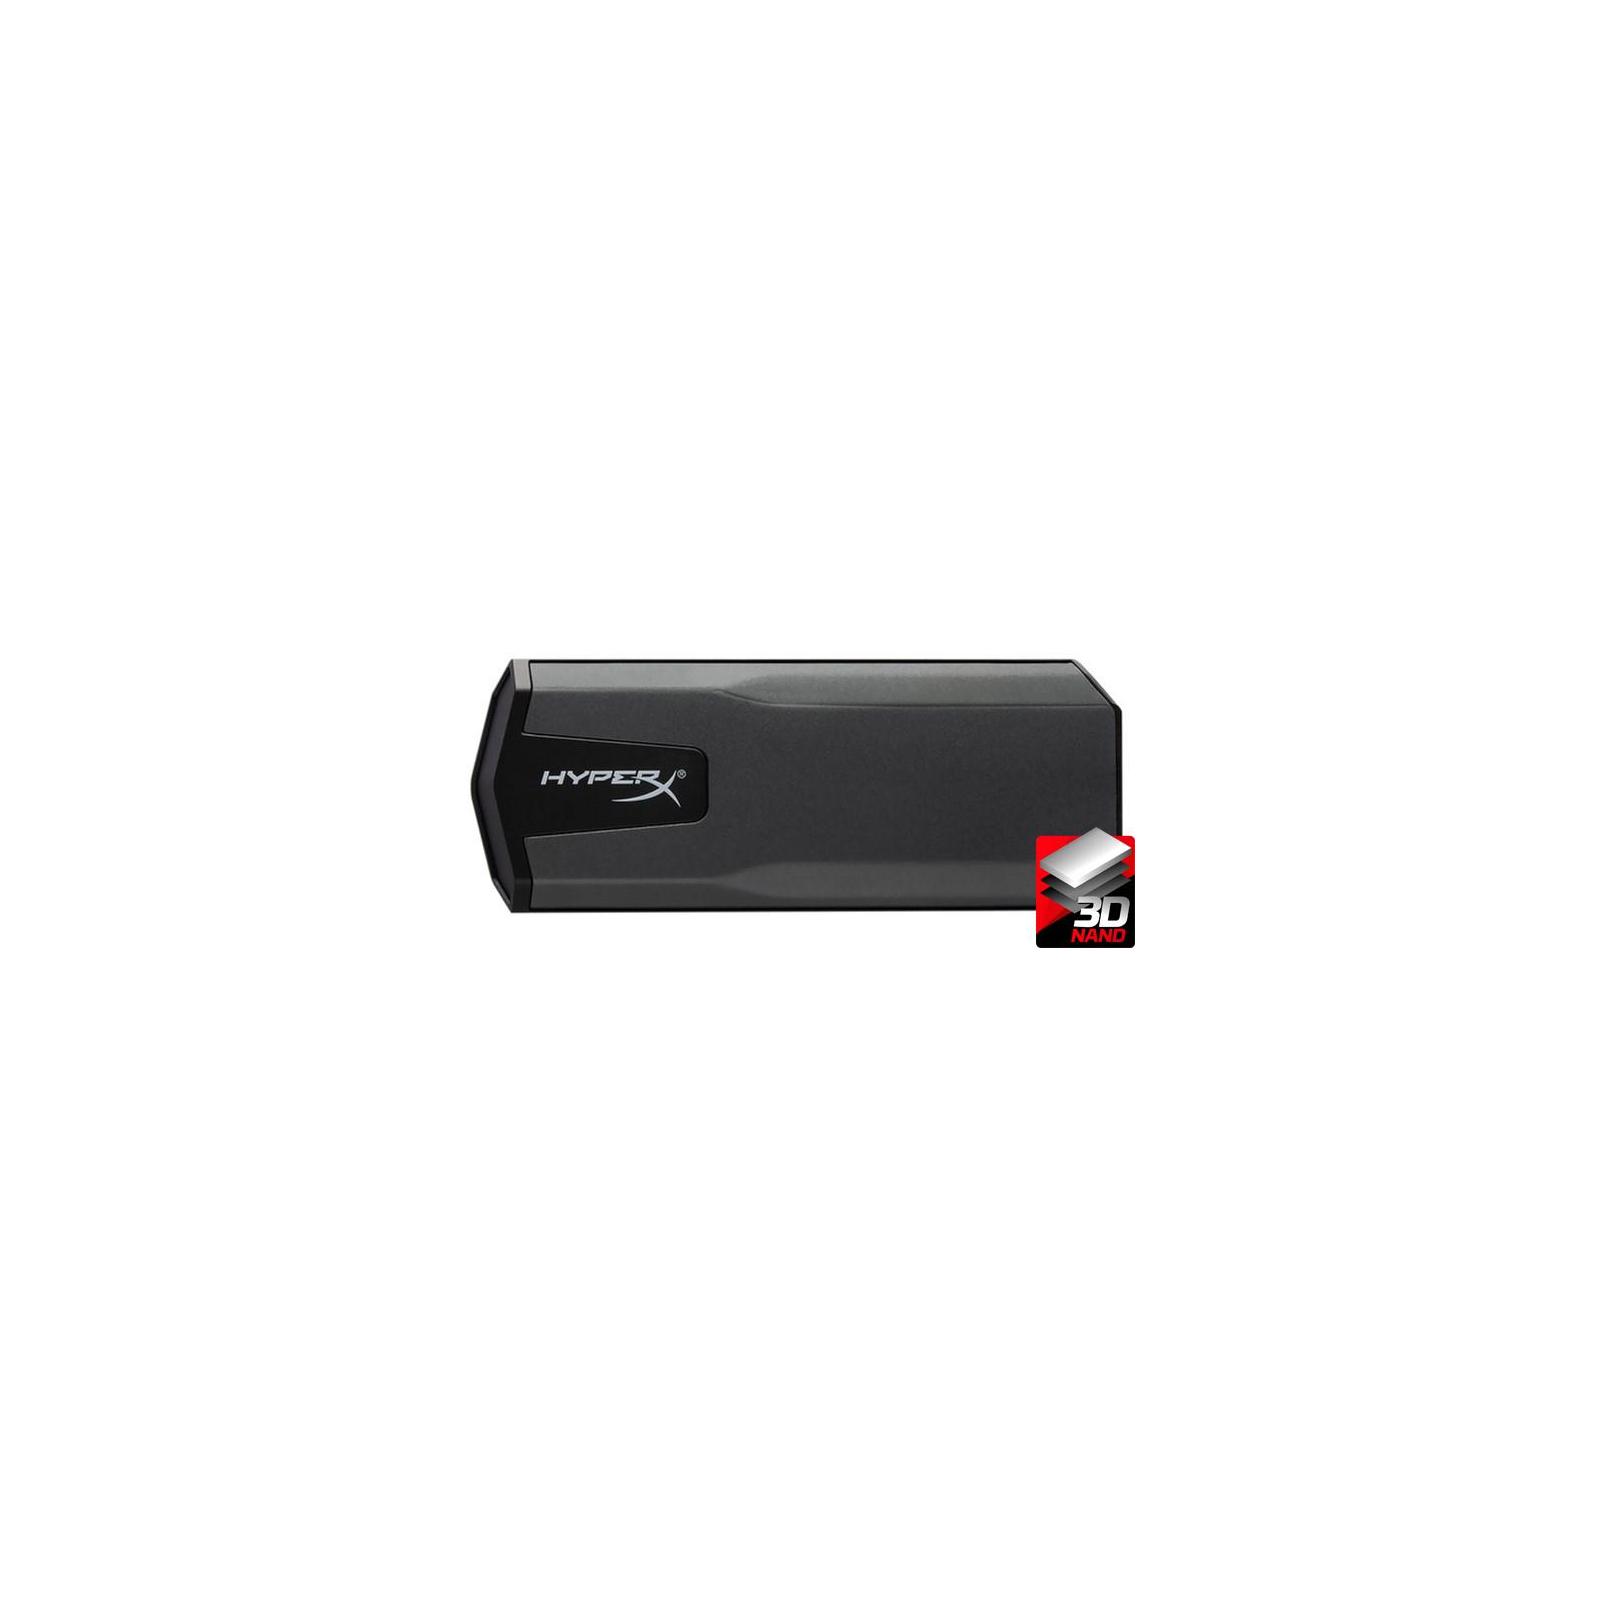 Накопичувач SSD USB 3.1 480GB HyperX (SHSX100/480G) зображення 7